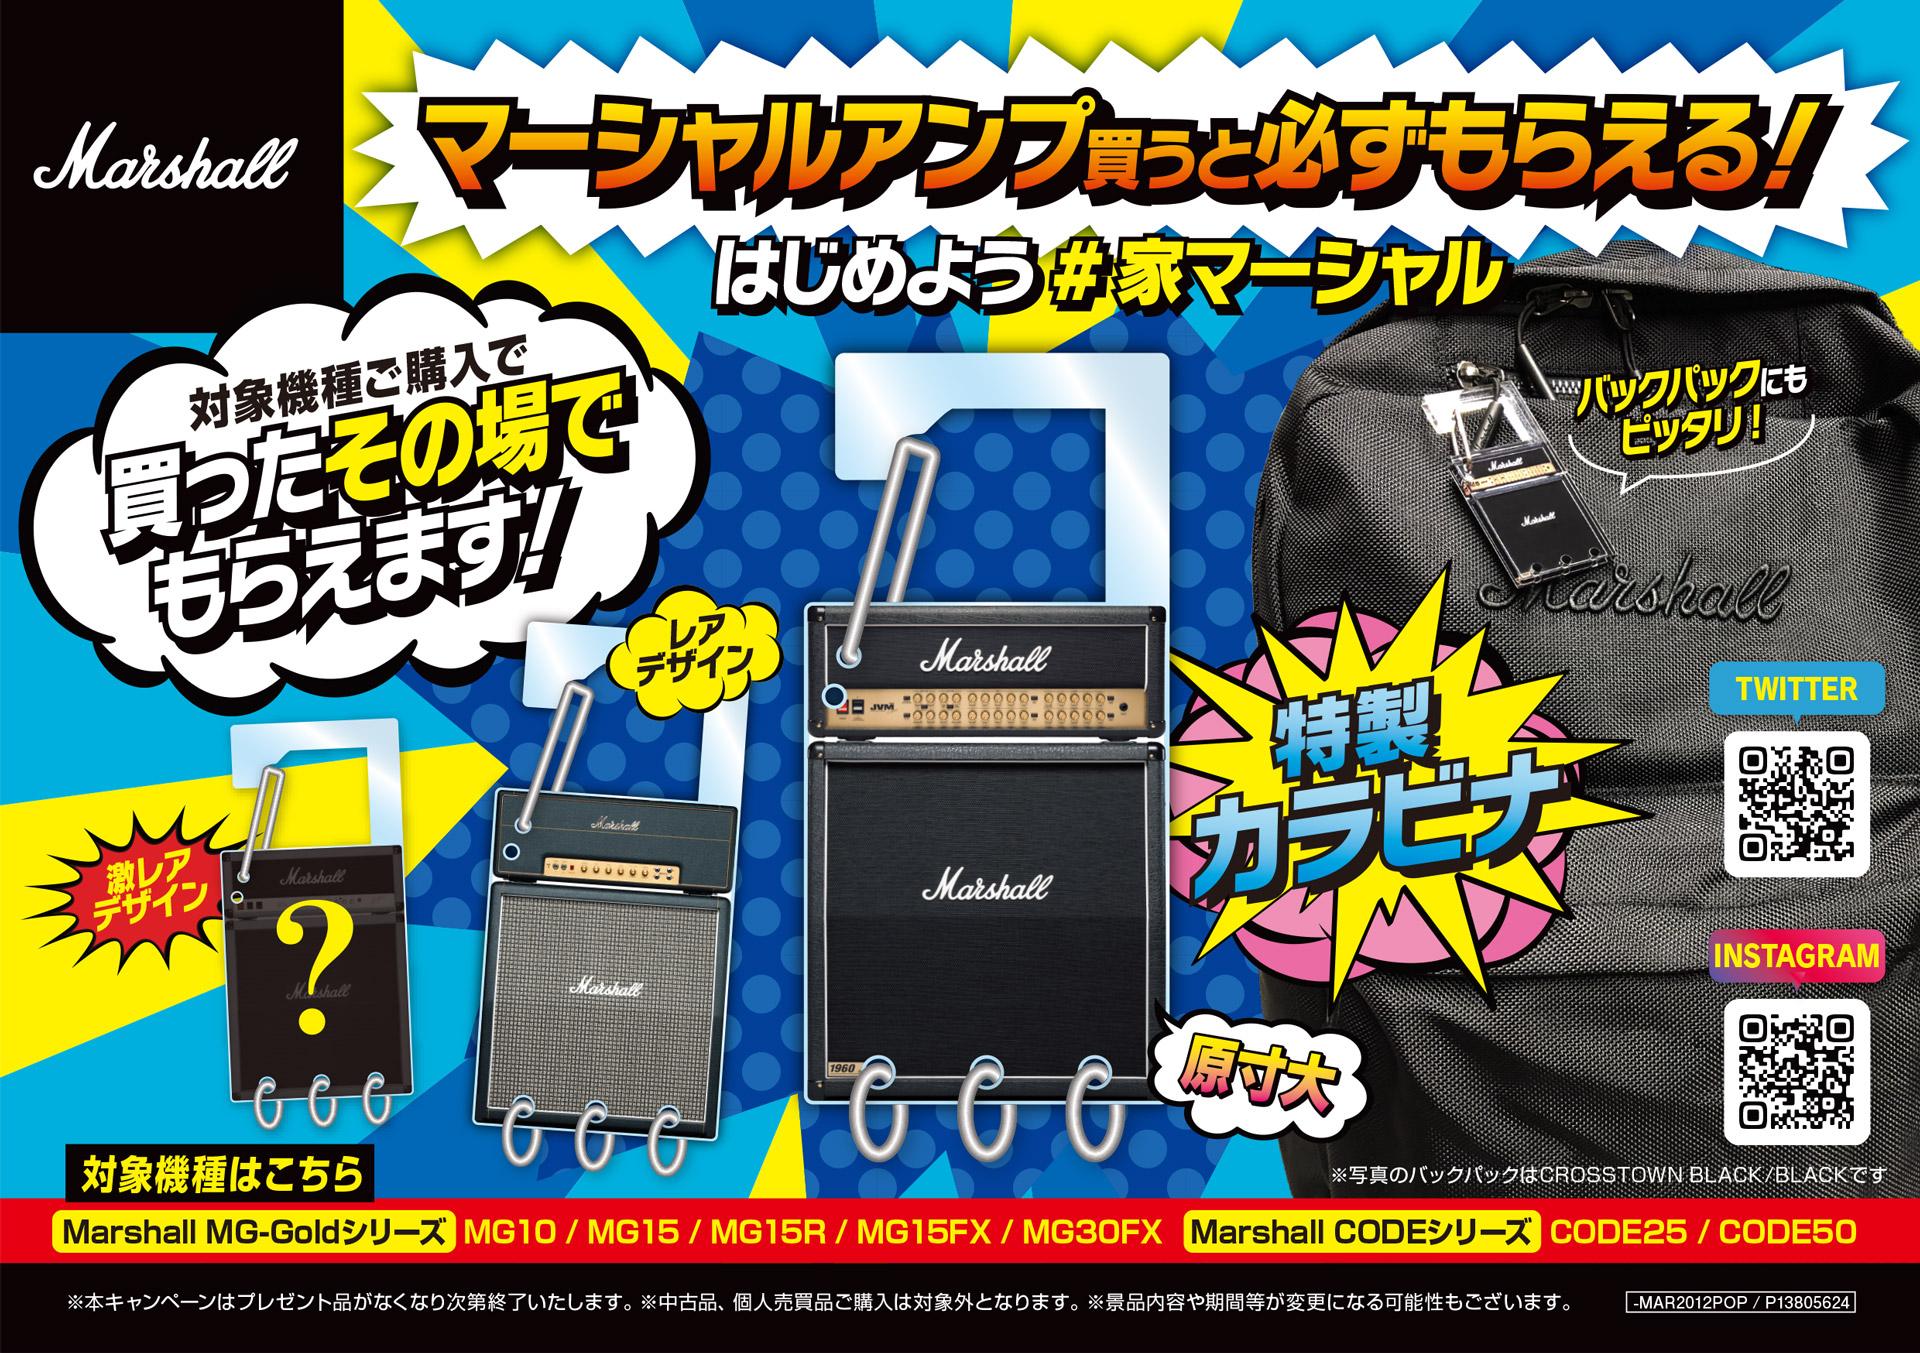 【Marshall対象商品ご購入の方に「特製Marshallロゴアクリルキーホルダー」をプレゼント!!】